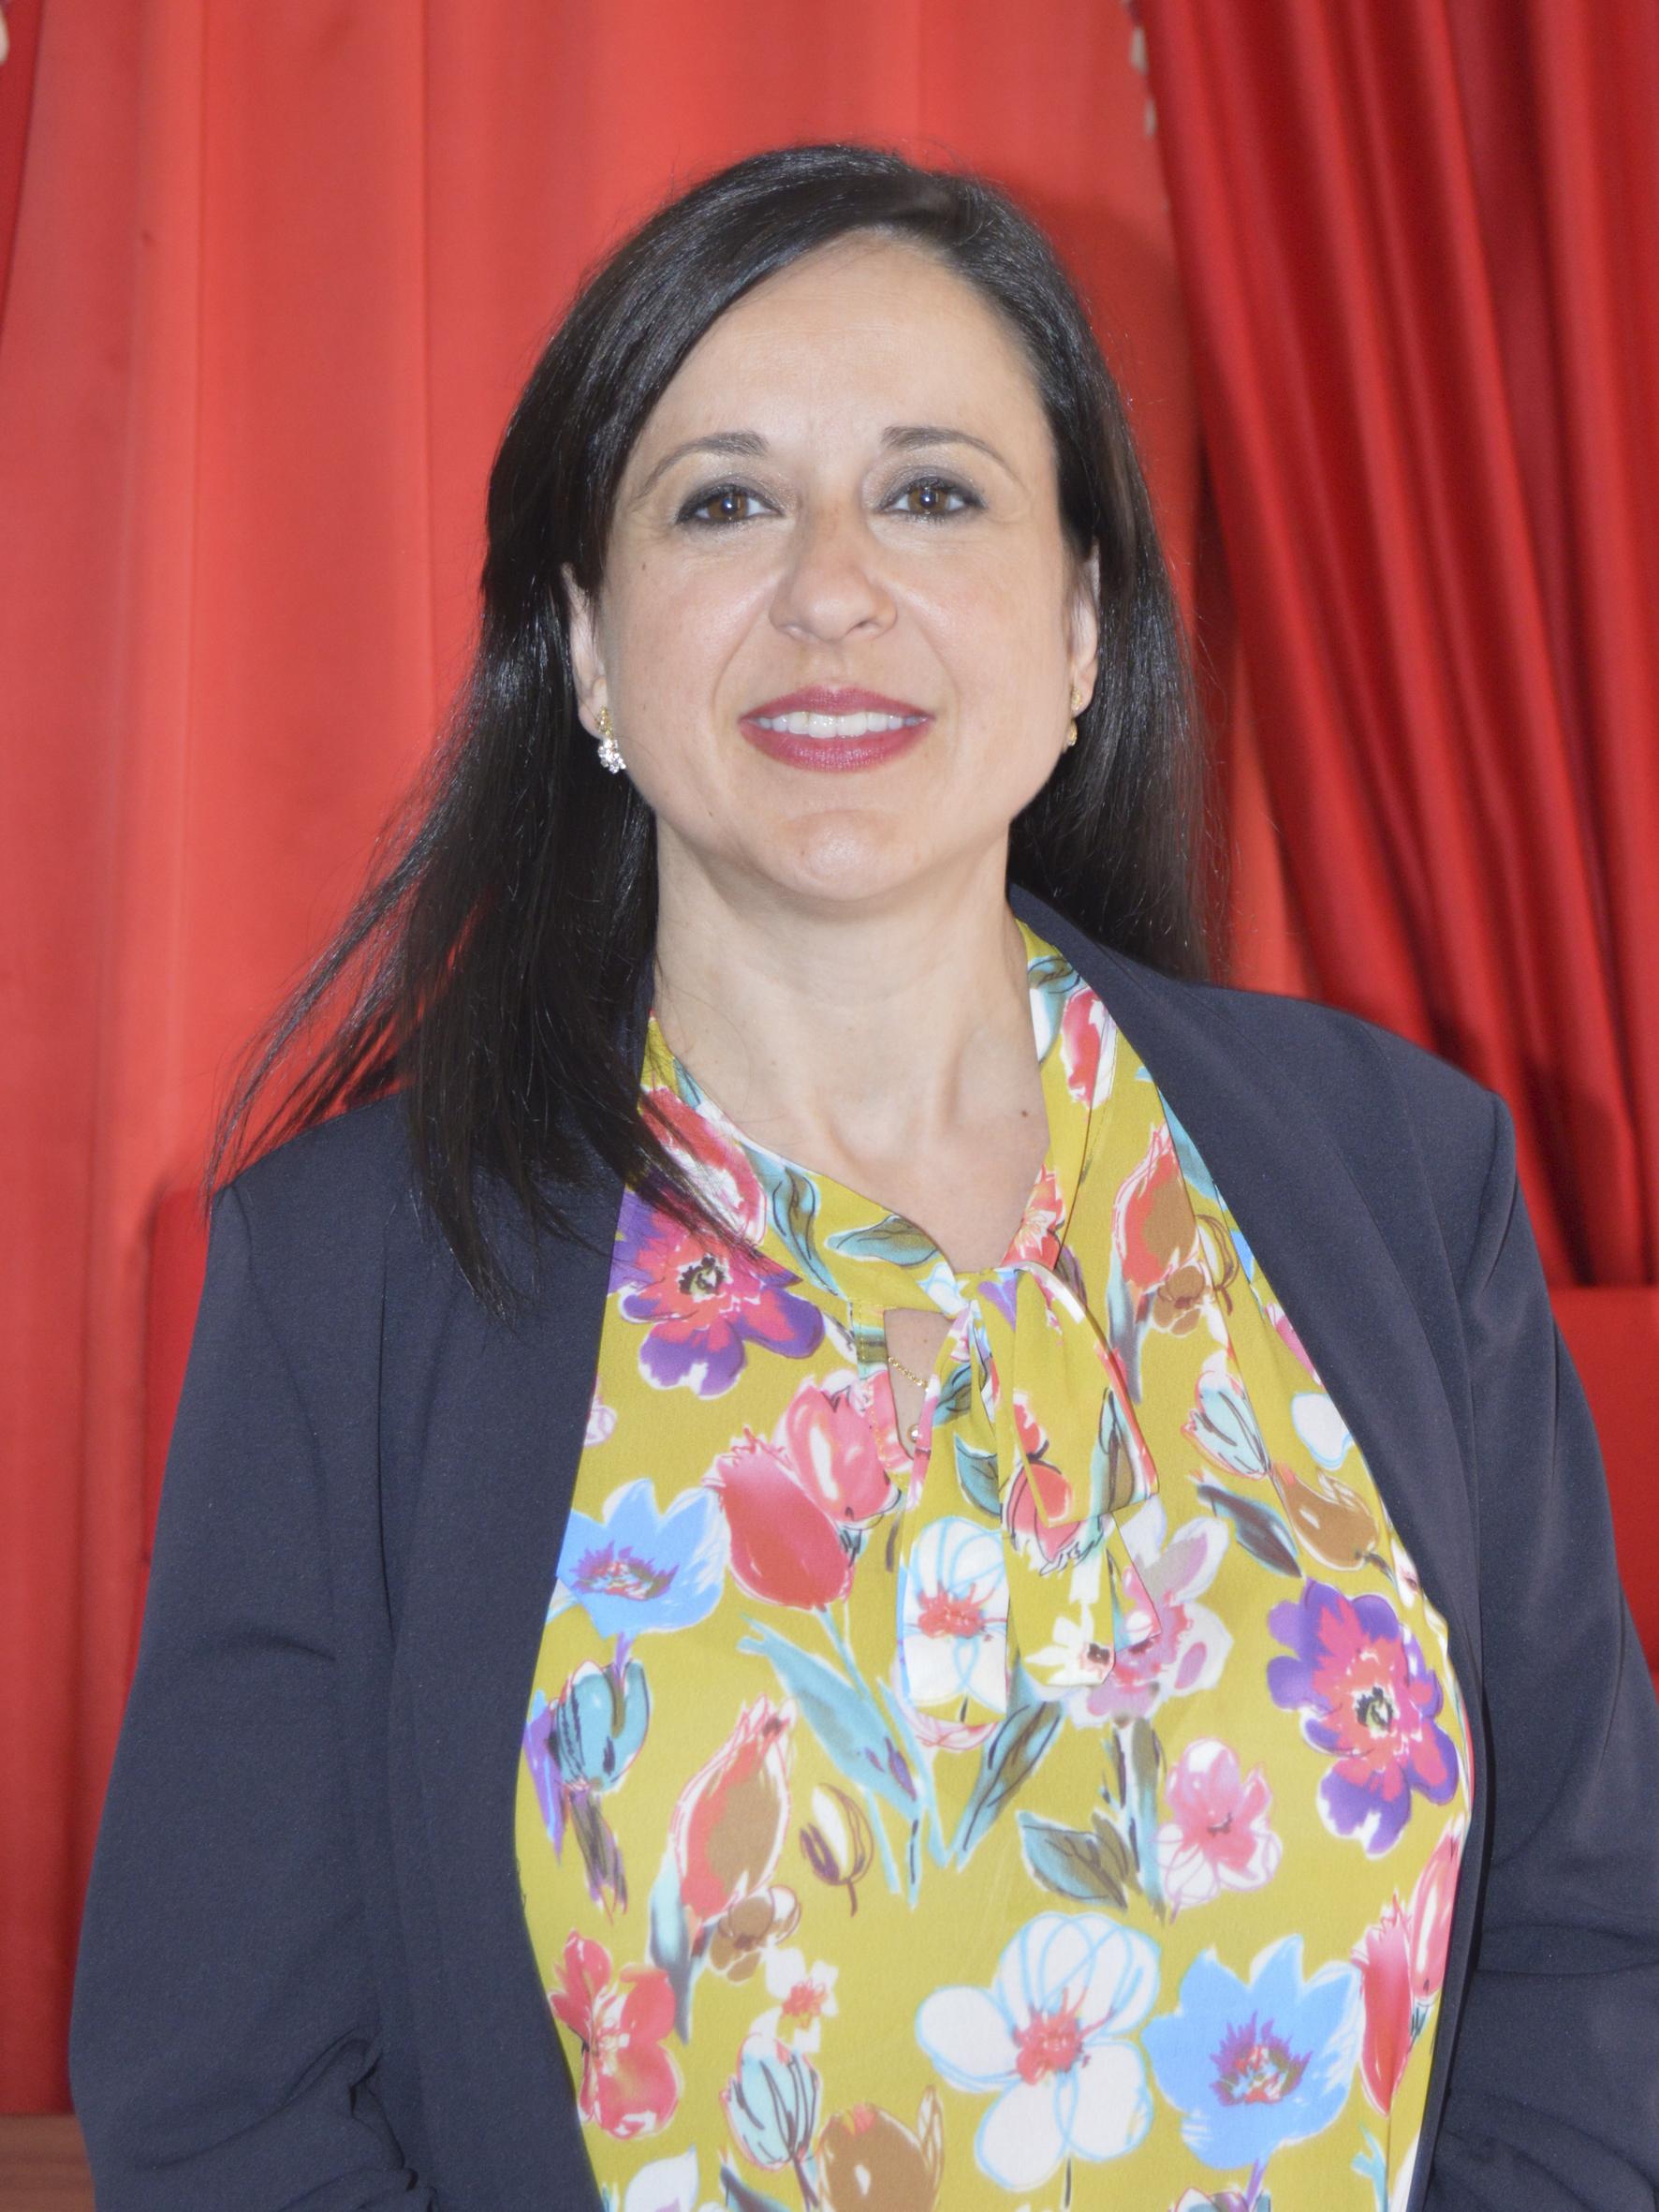 Ana María Núñez Delgado